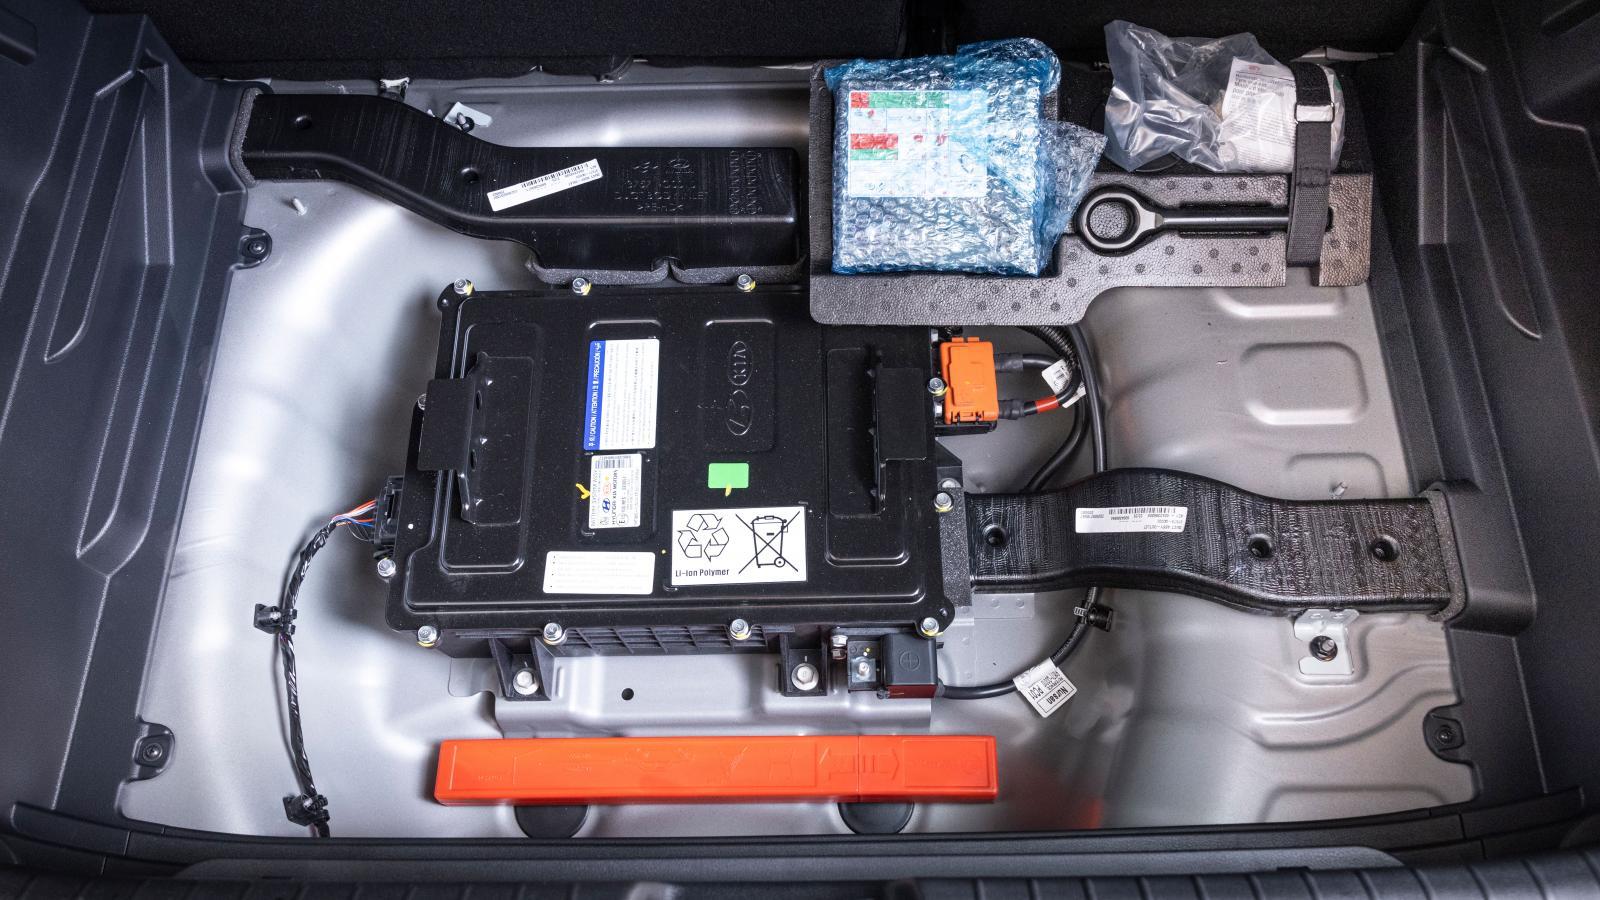 Ordning och reda i Hyundai. Litiumjonbatteriet till 48-volts systemet är luftkylt, värmen från batteriet går ut i kupén. I låga hastigheter kan kylfläktens brus höras i baksätet. Kias installation är identisk, Ford gömmer 48-voltsbatteriet under passagerarstolen.